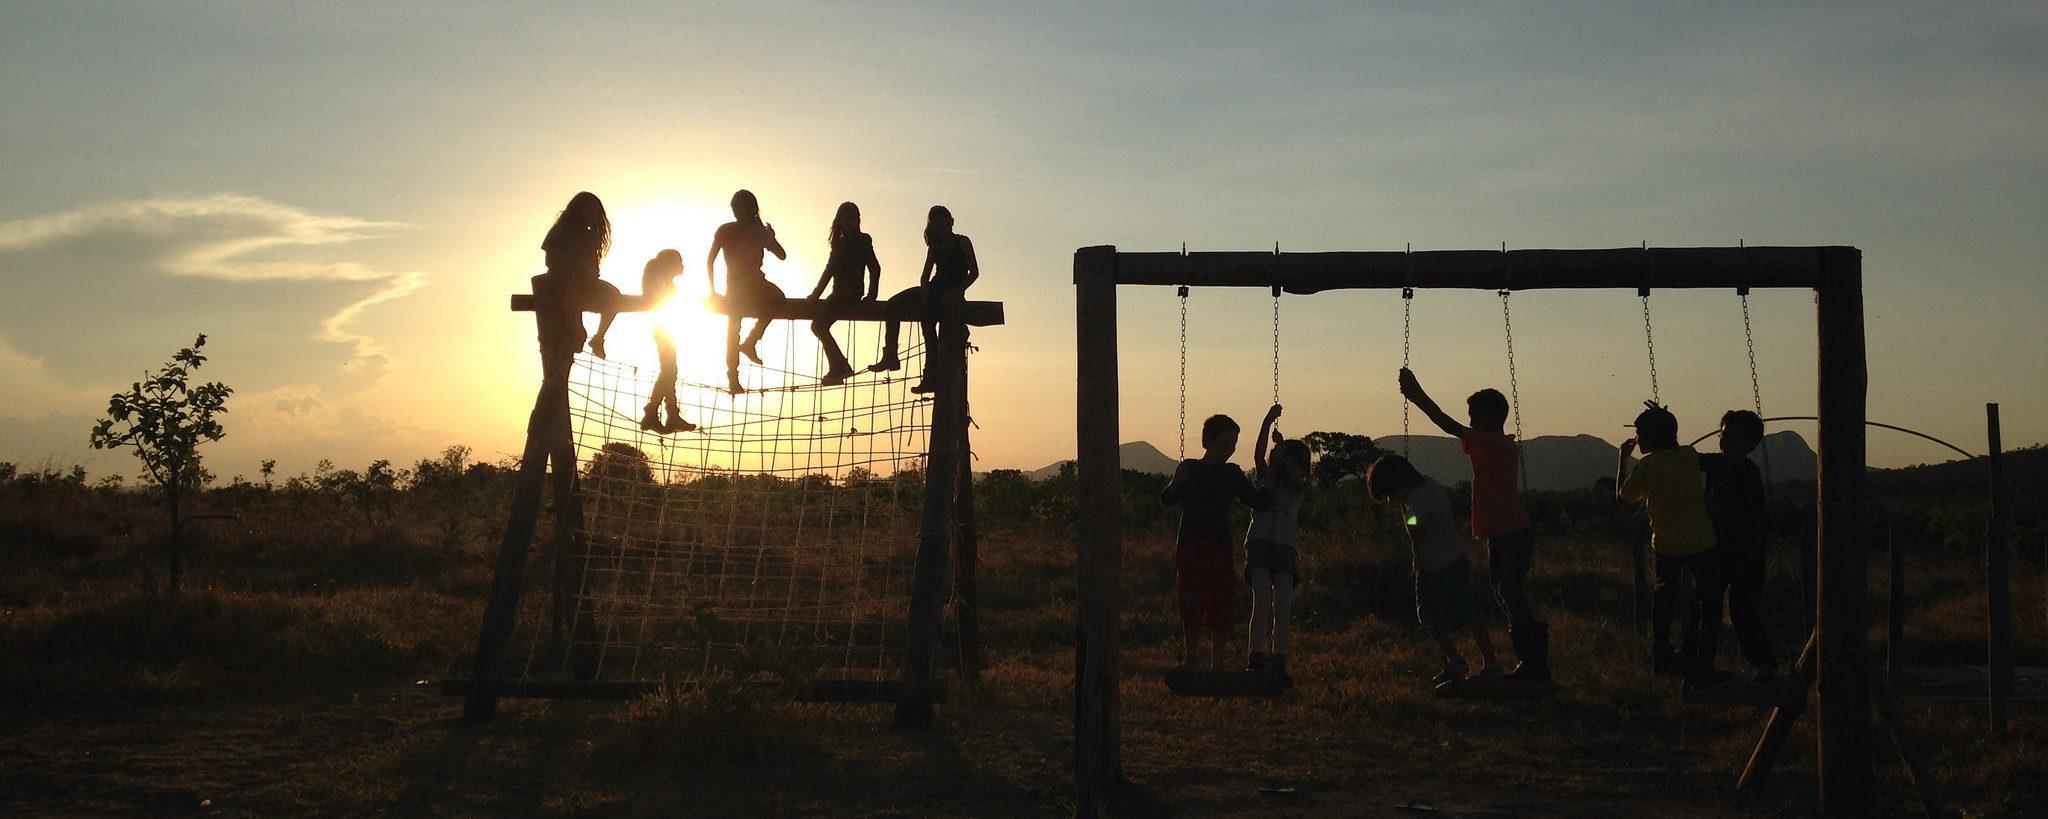 A fotografia mostra crianças brincando em um balanço e em um trepa-trepa. Elas estão contra a luz durante o pôr-do-Sol